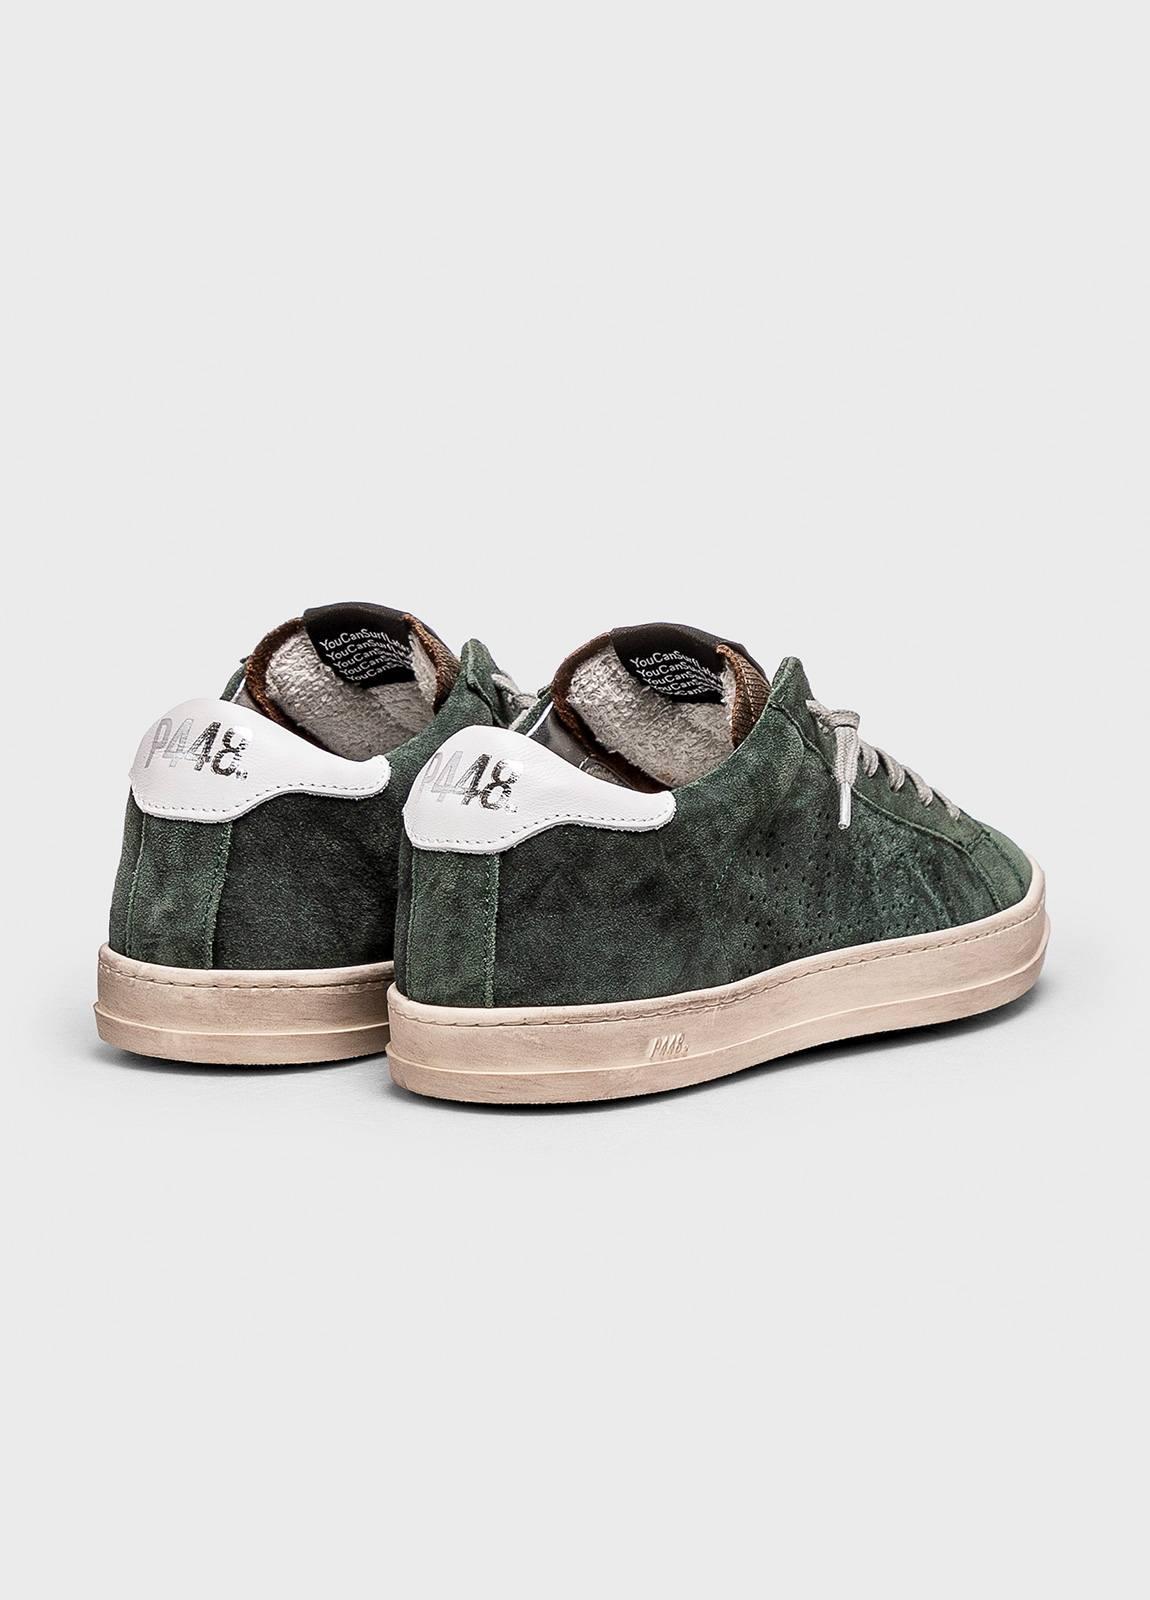 Calzado sport modelo JOHN color verde gastado. Serraje. - Ítem1